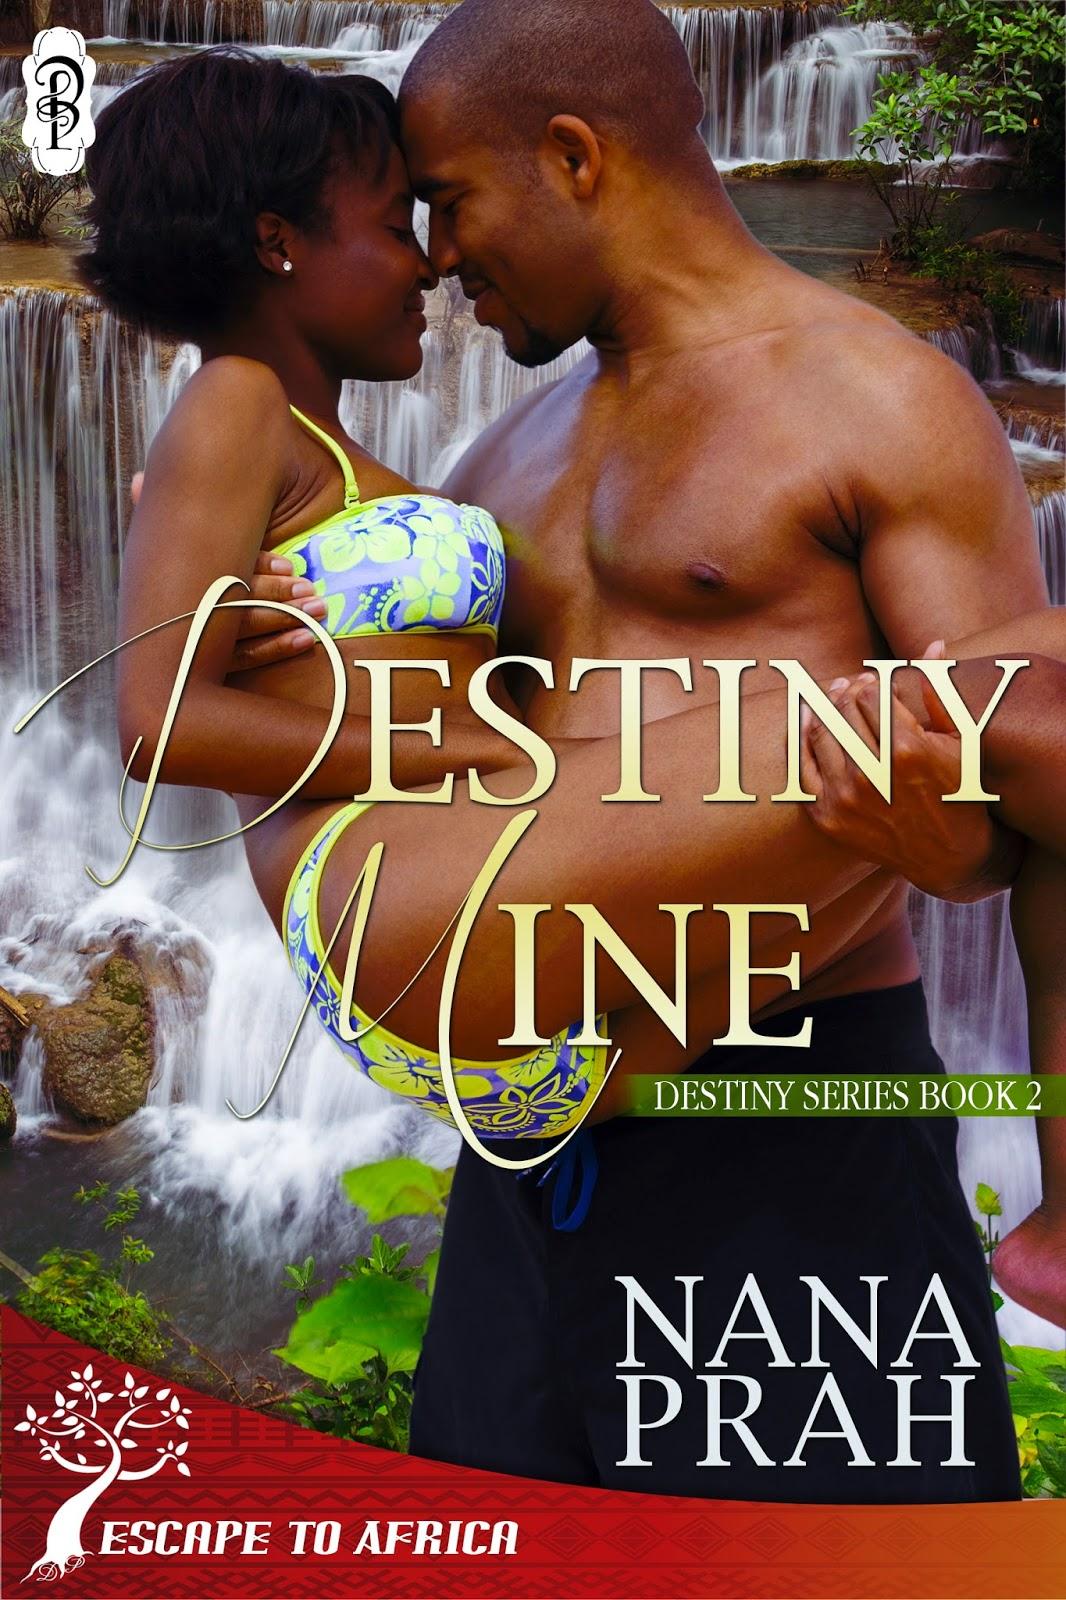 Destiny Mine by Nana Prah ~ #BookReview & #Spotlight